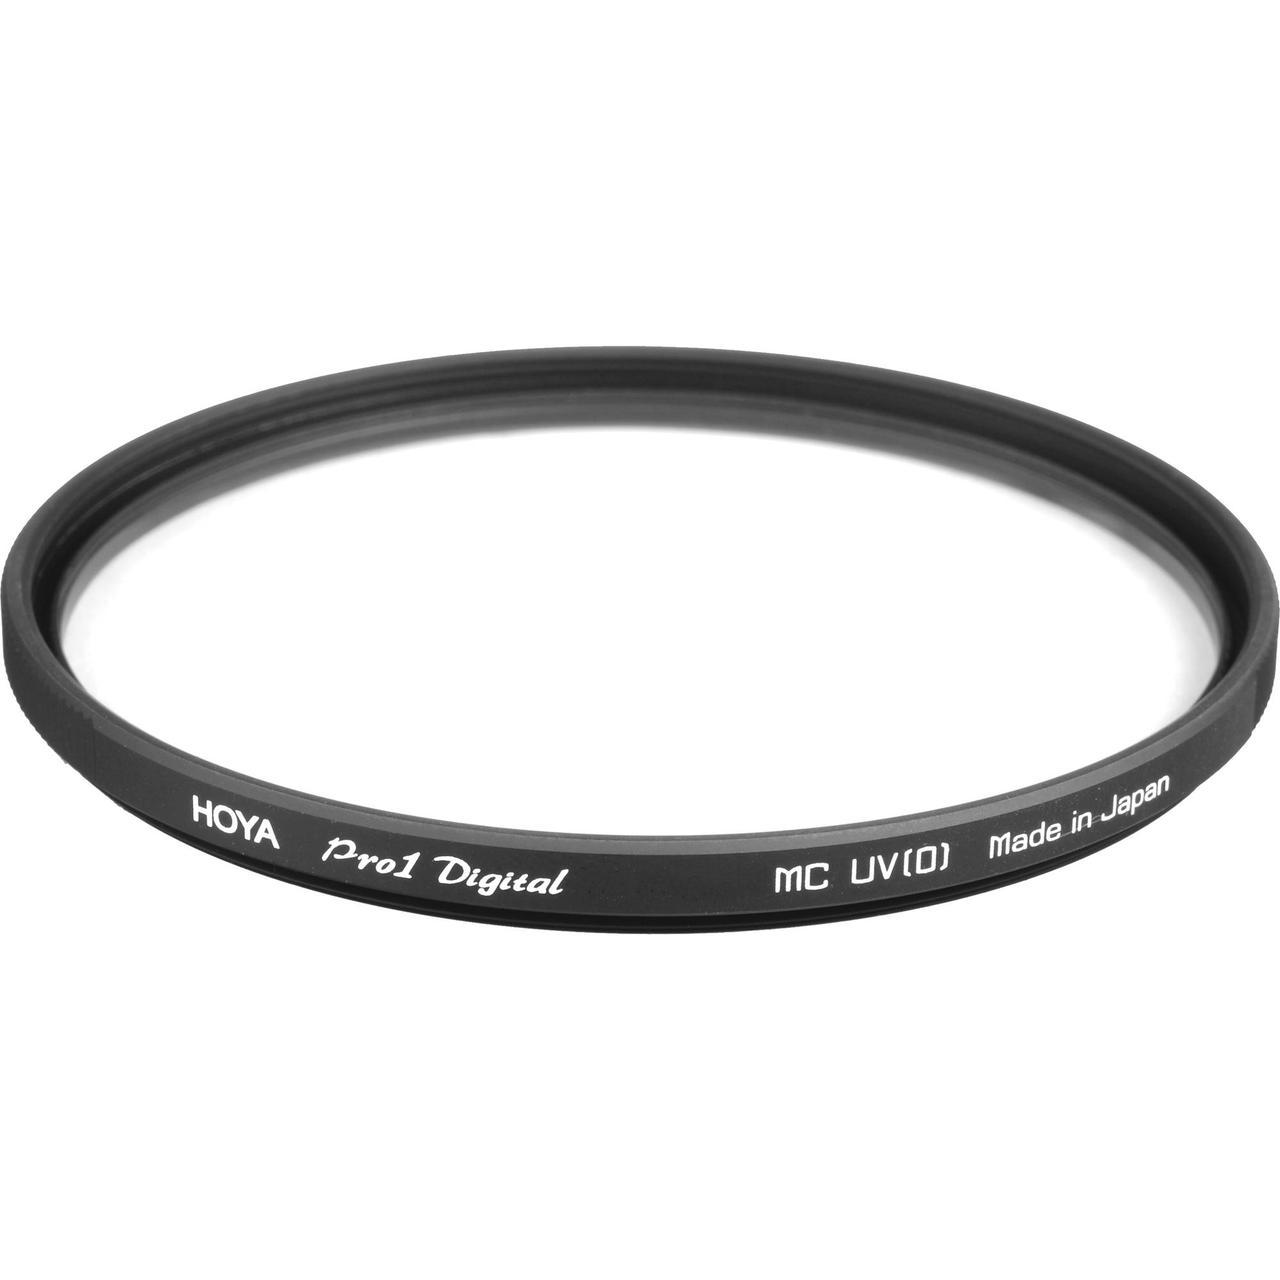 Светофильтр Hoya Pro1 Digital MC UV(0) 77mm